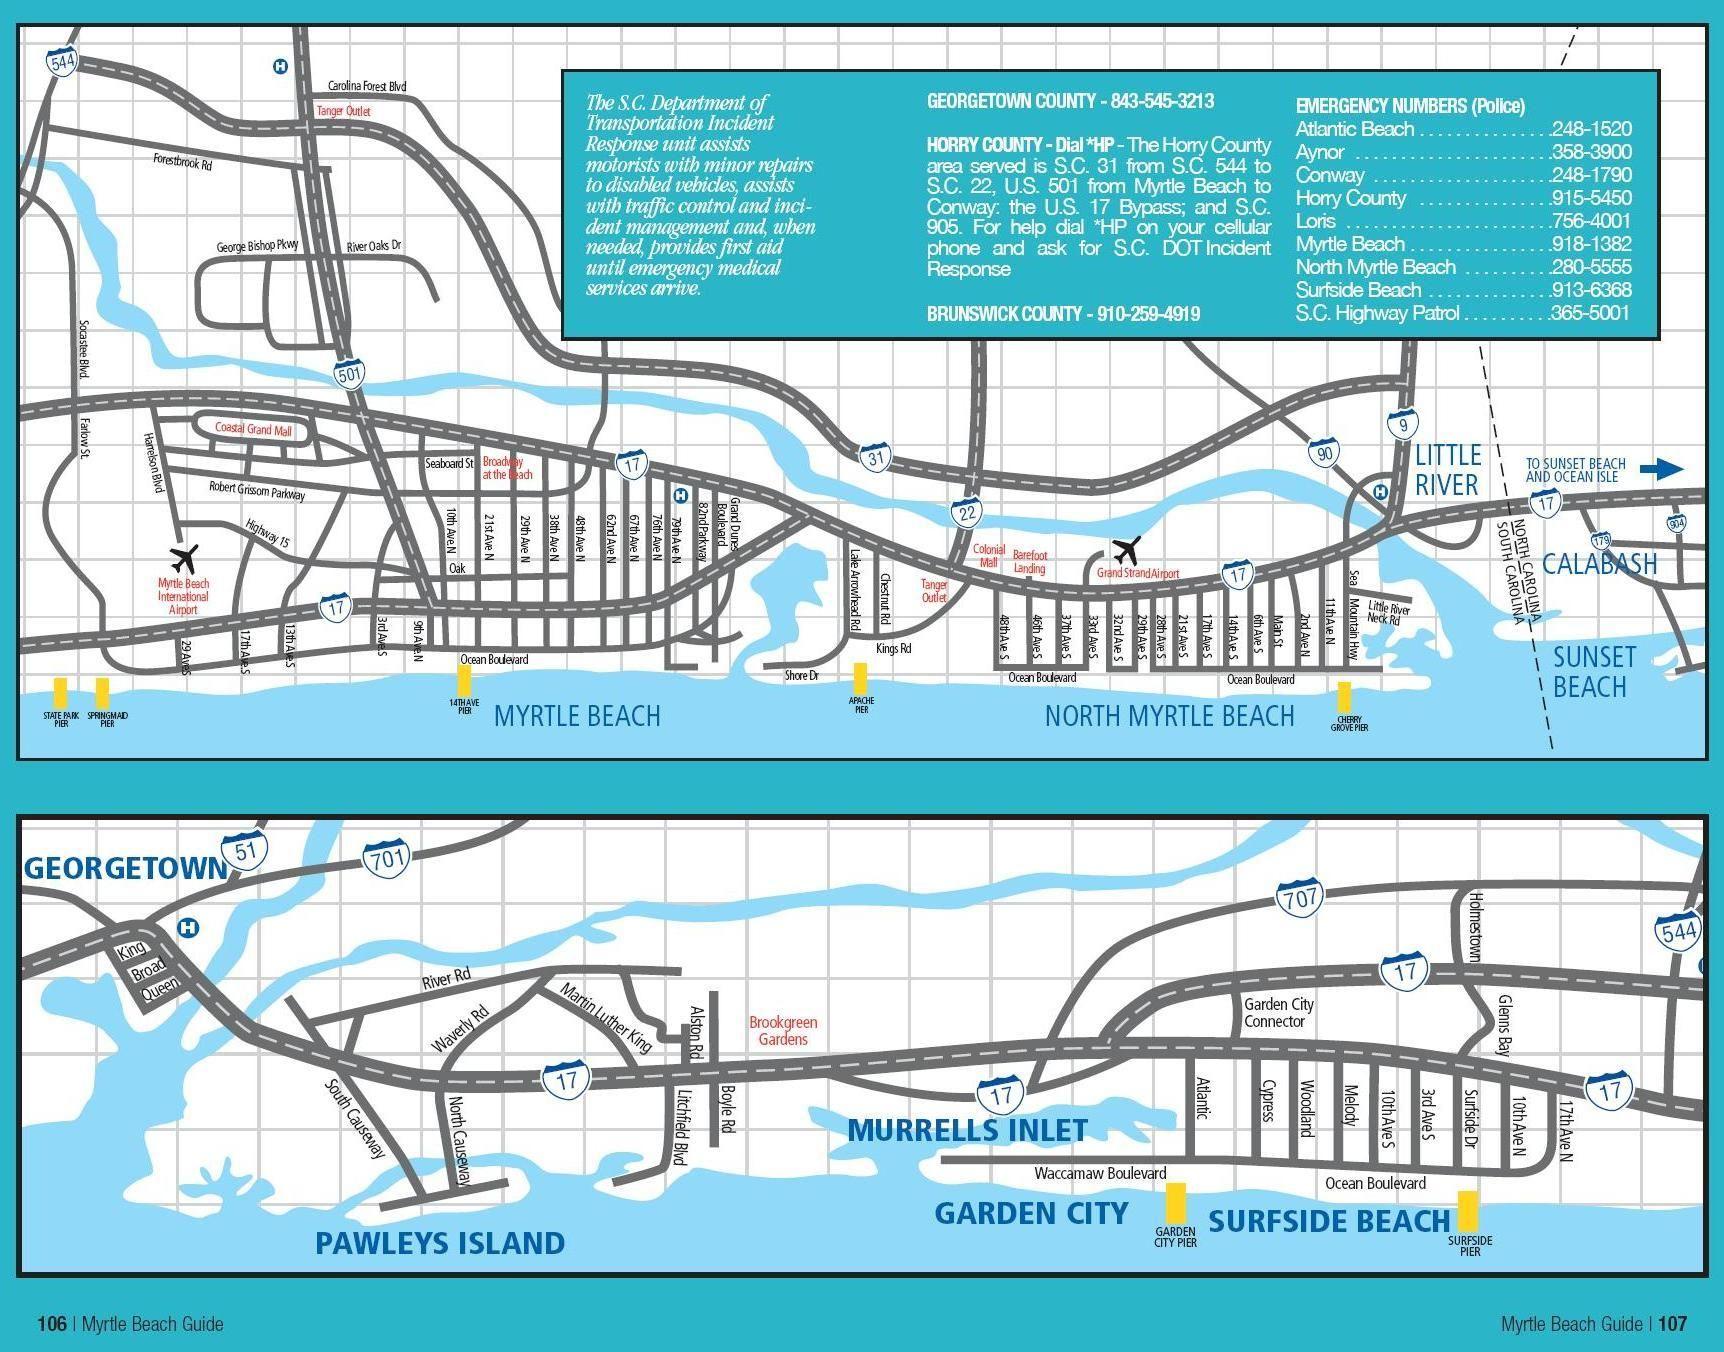 Myrtle Beach Area Map